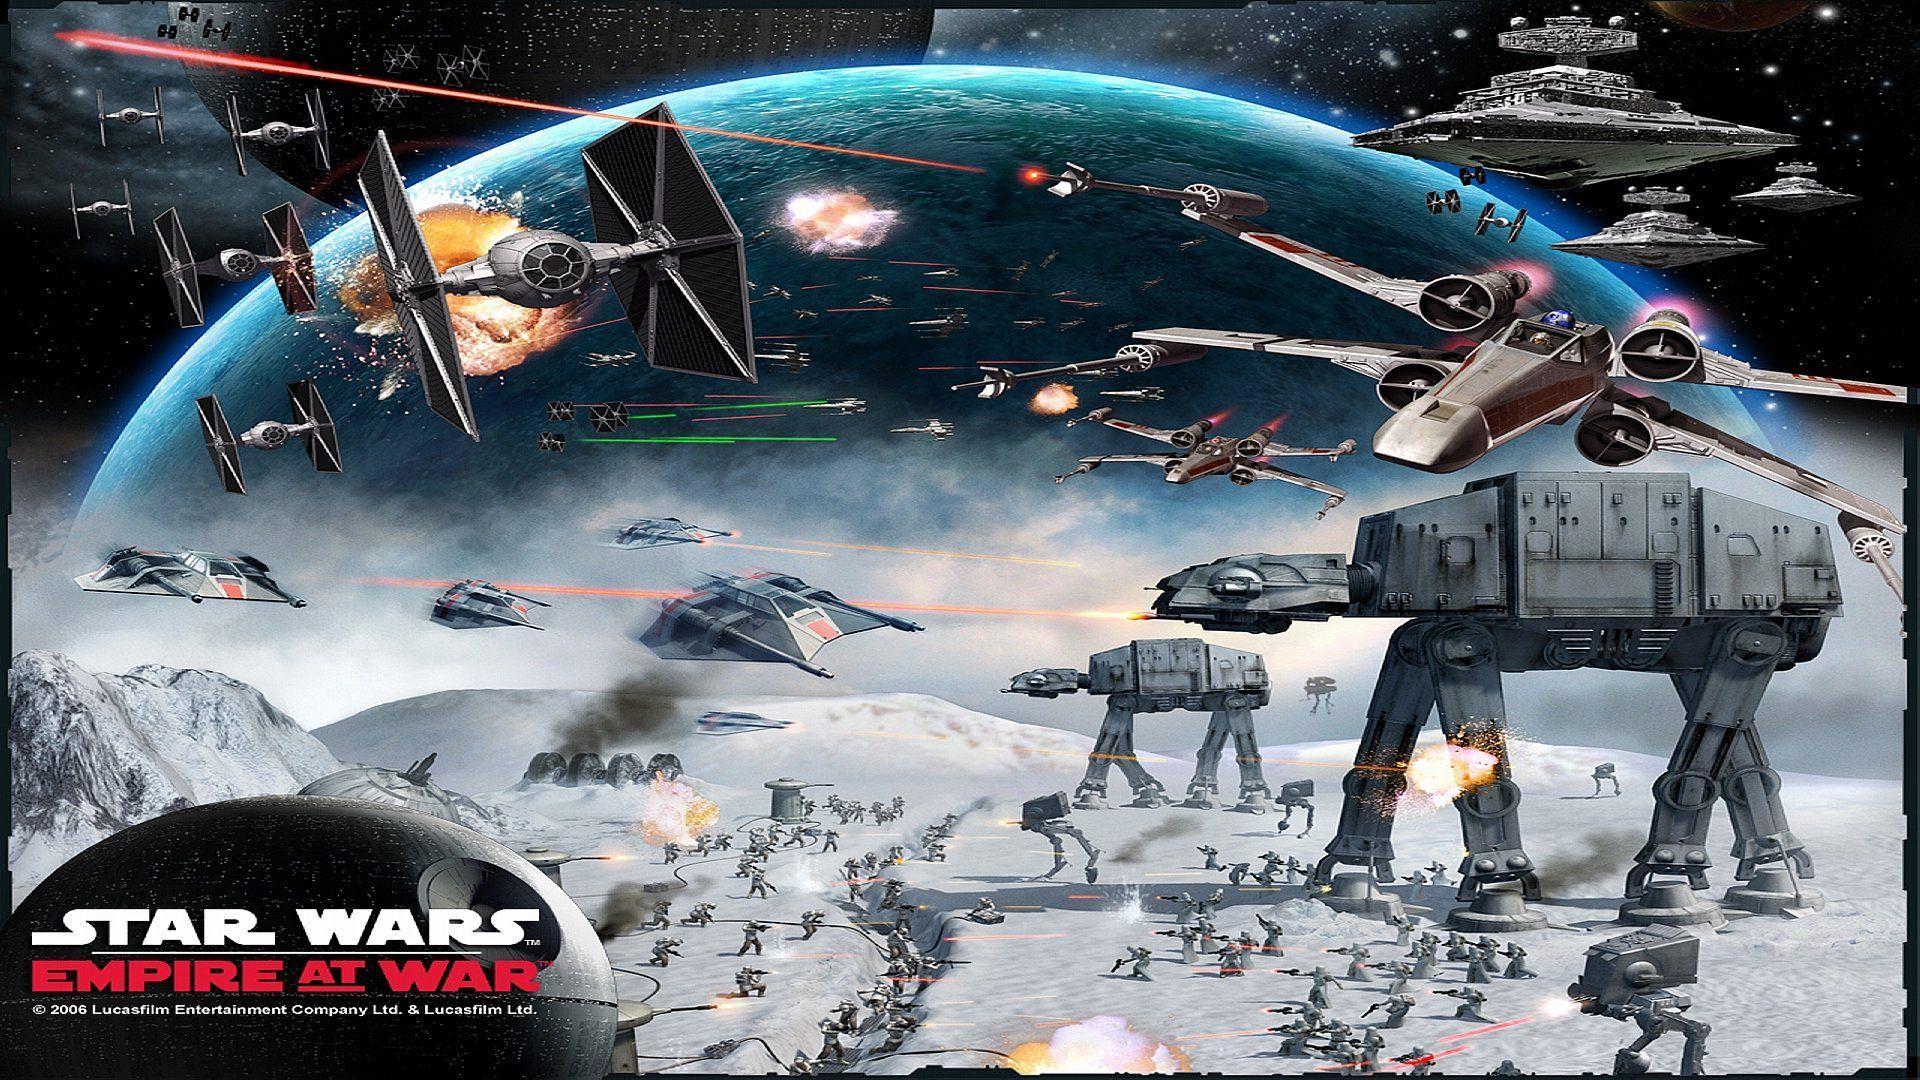 Star Wars Empire at War Wallpapers - Top Free Star Wars